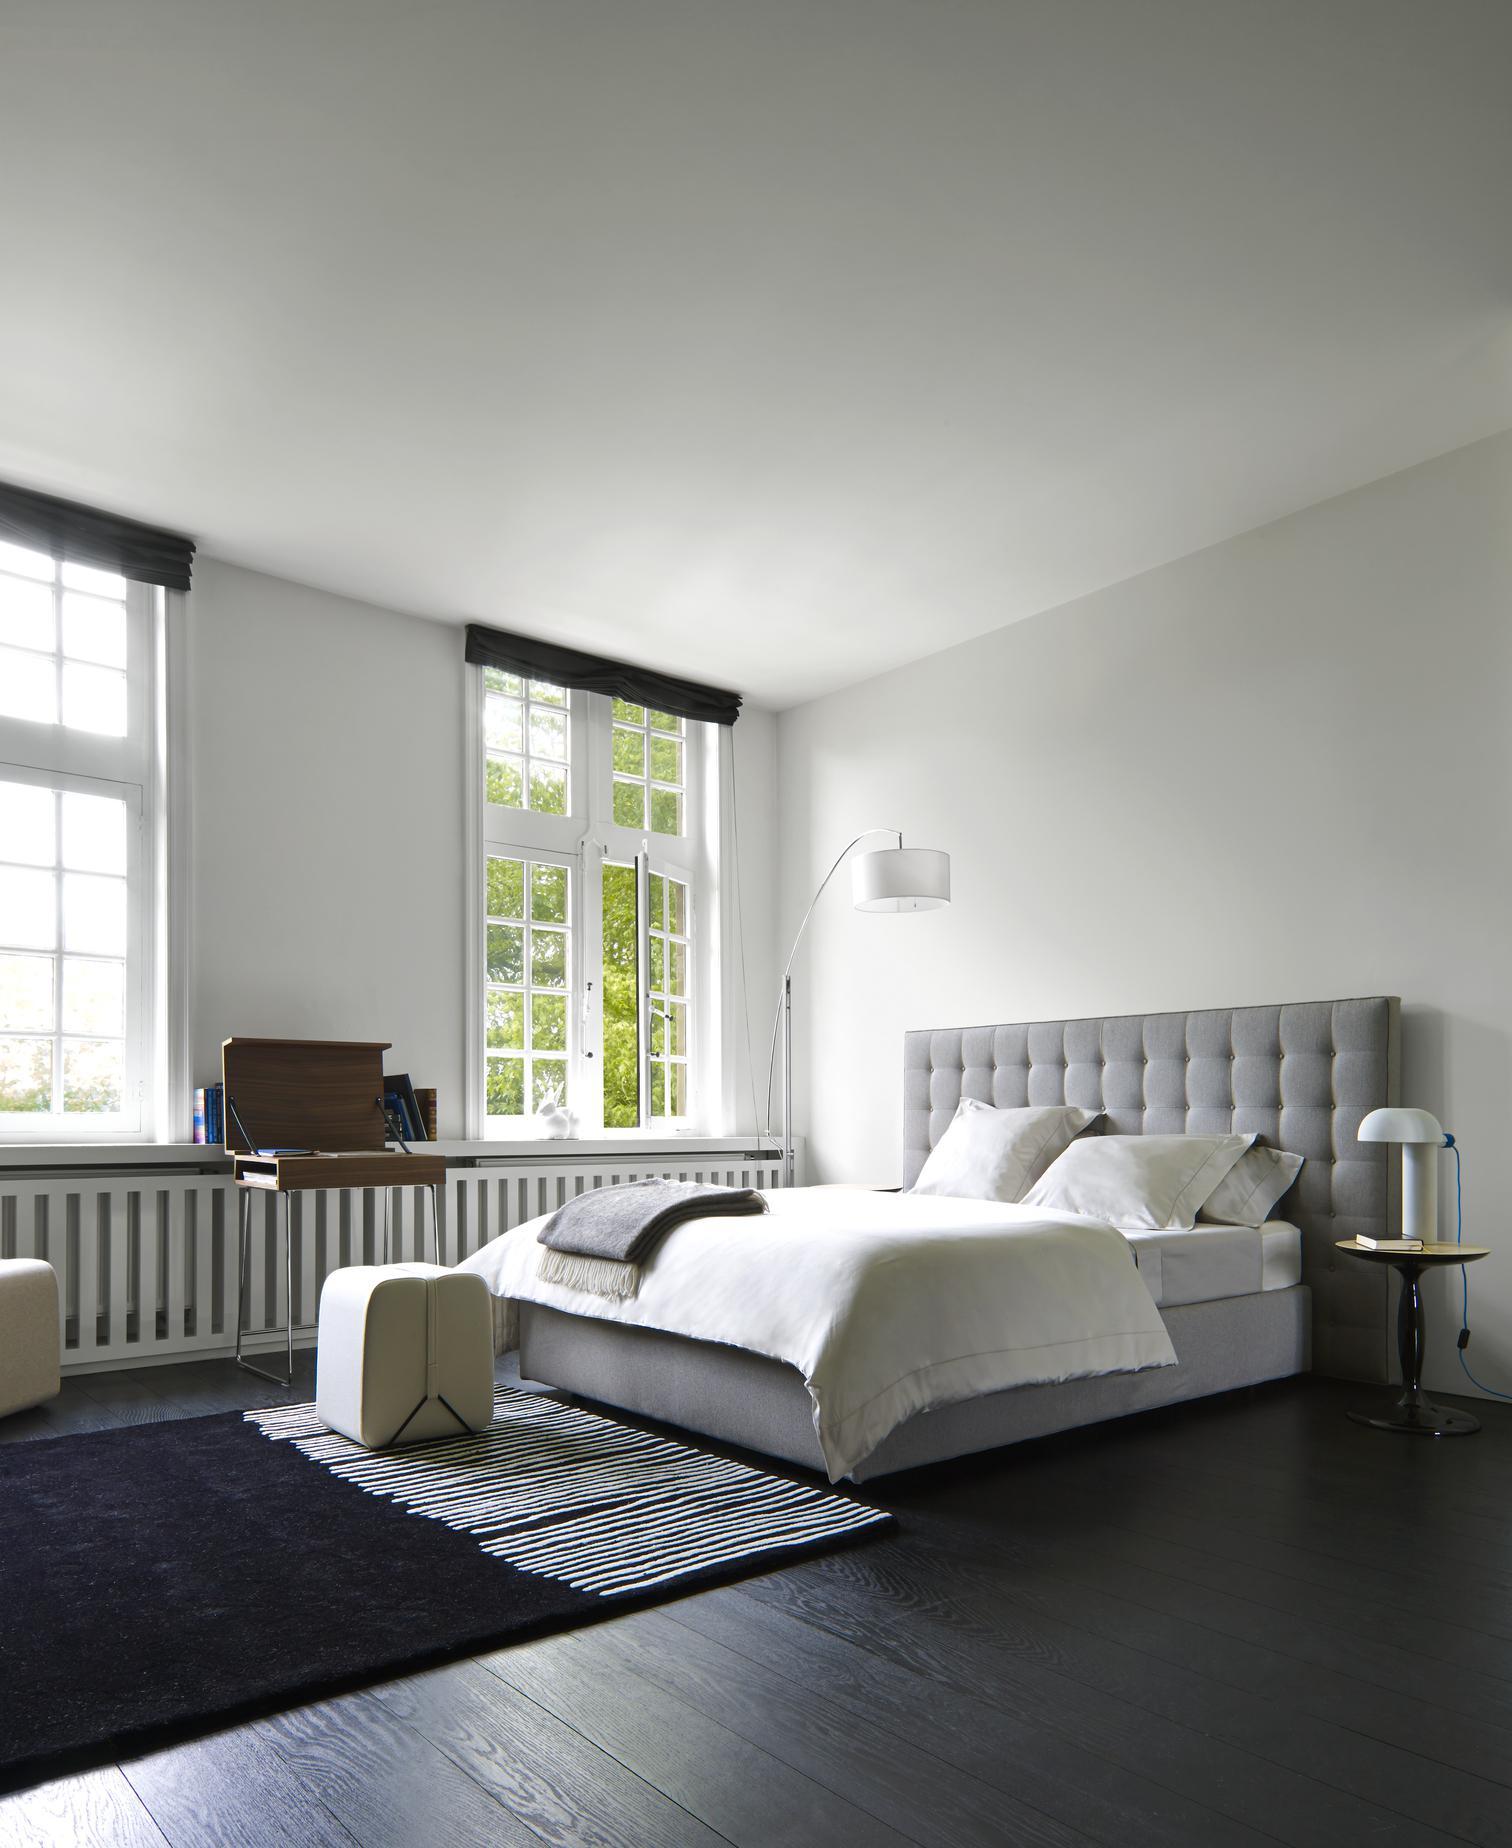 nador beds designer ligne roset ligne roset. Black Bedroom Furniture Sets. Home Design Ideas